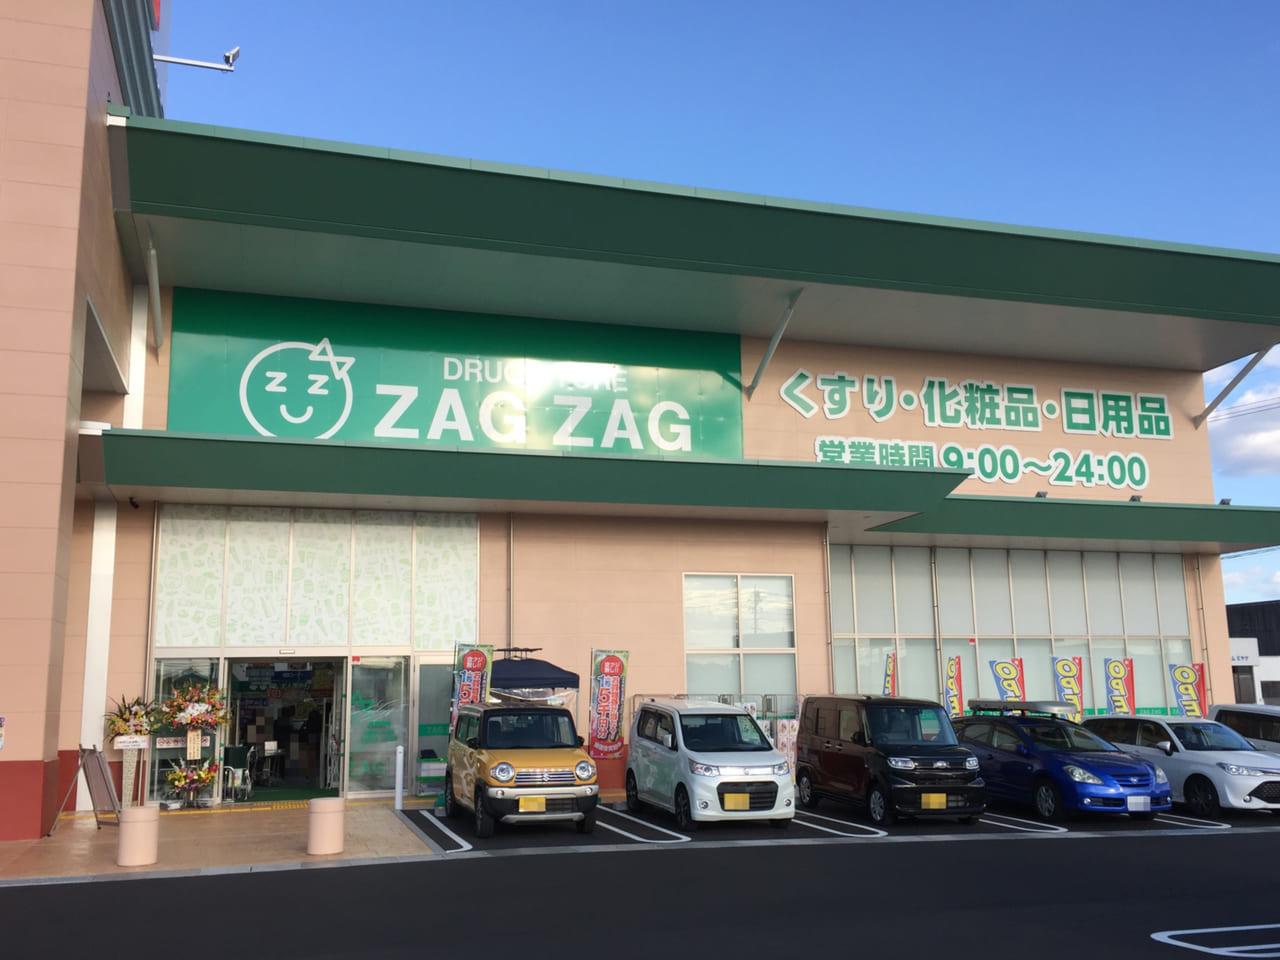 ザグザグハローズモール玉島店